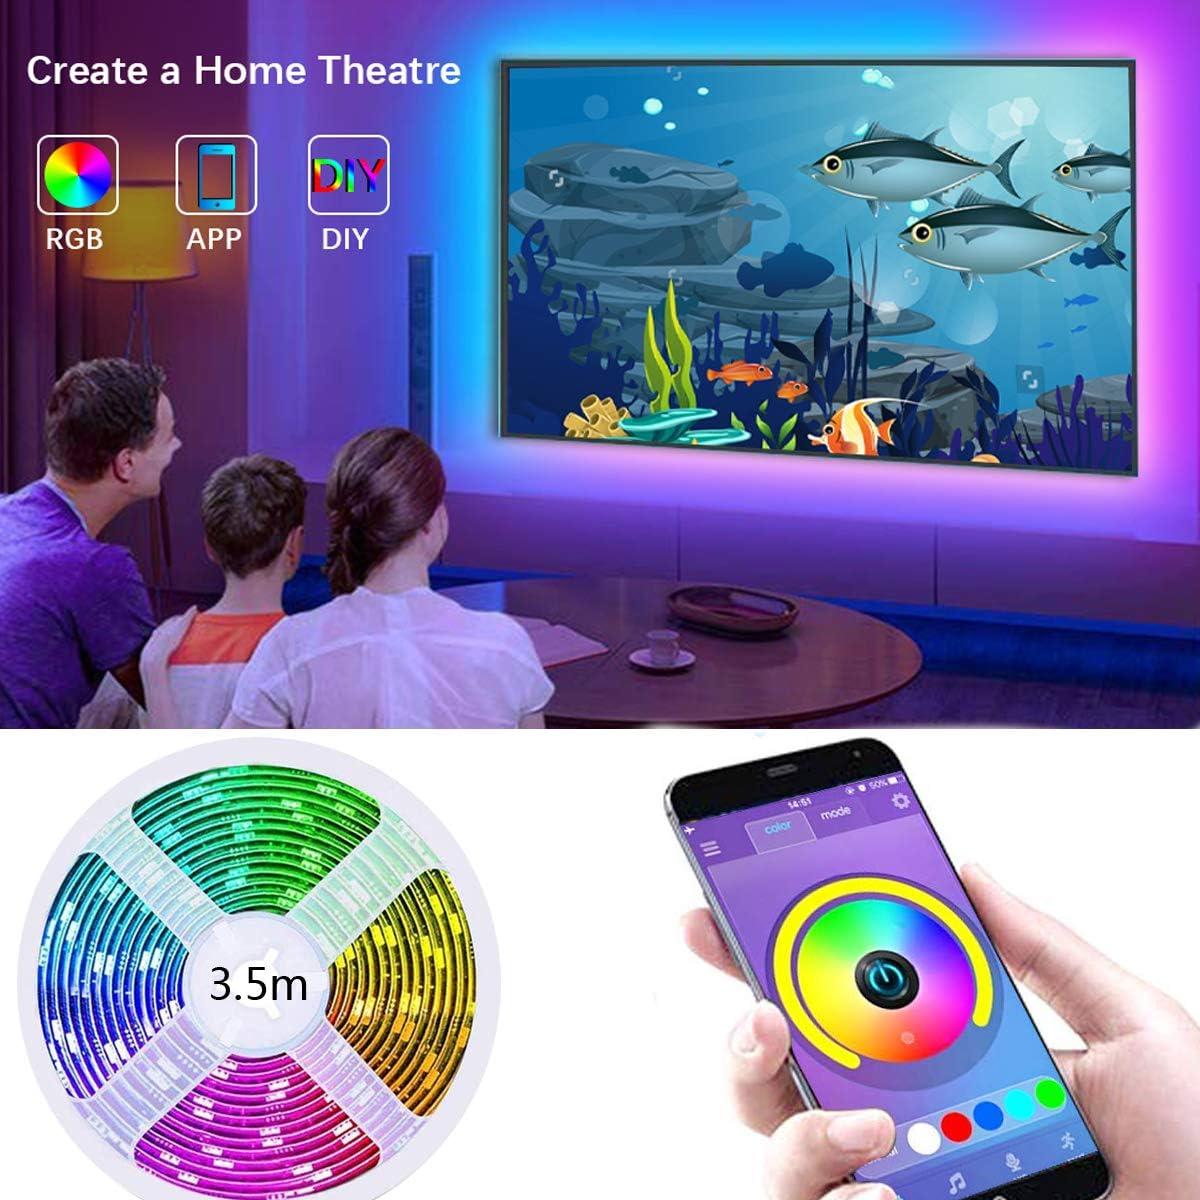 Tira de luces LED para TV LED, tira de luces LED RGB de 11.5 pies (3.5M) controlada por APP para TV de 40 a 60 pulgadas, sincroniza con la música, iluminación diagonal, 5050 RGB para Android e iOS